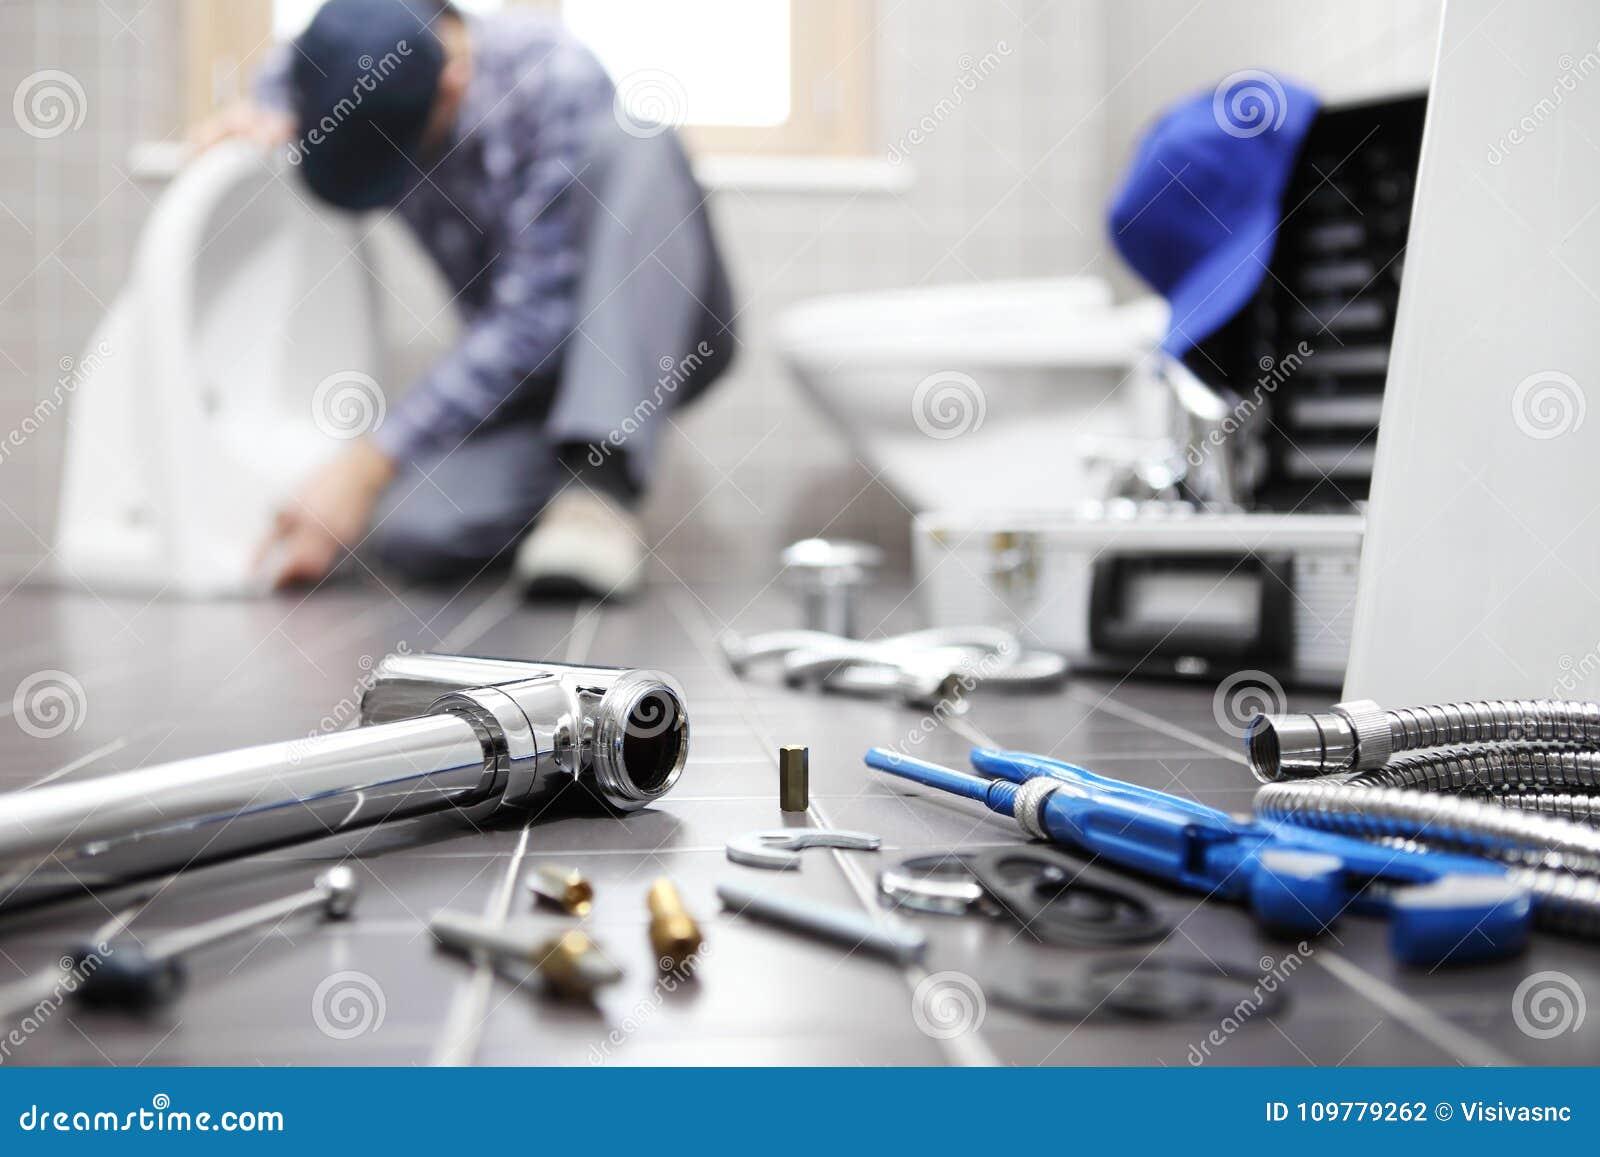 Le plombier au travail dans une salle de bains, mettant d aplomb le service des réparations, se réunissent